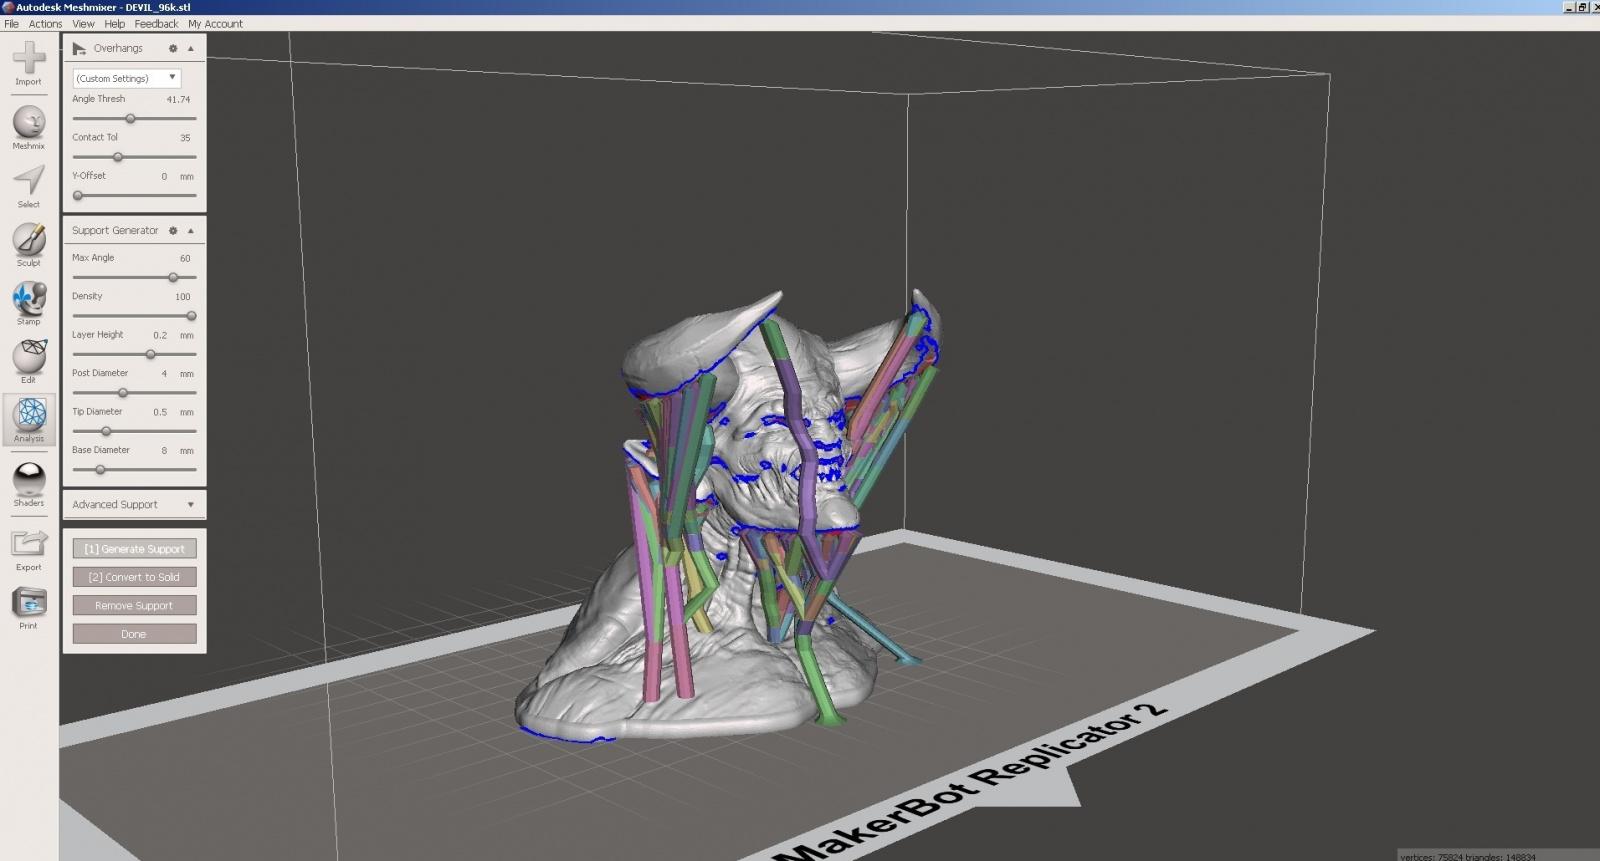 Обзор функции генерации поддержек в Autodesk Meshmixer - 15